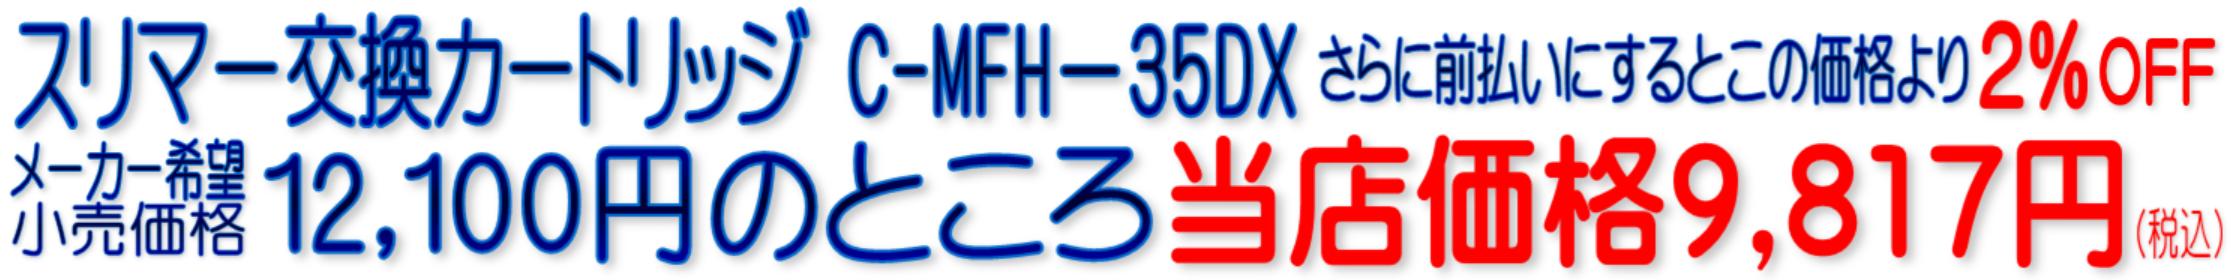 C-MFH-35DX